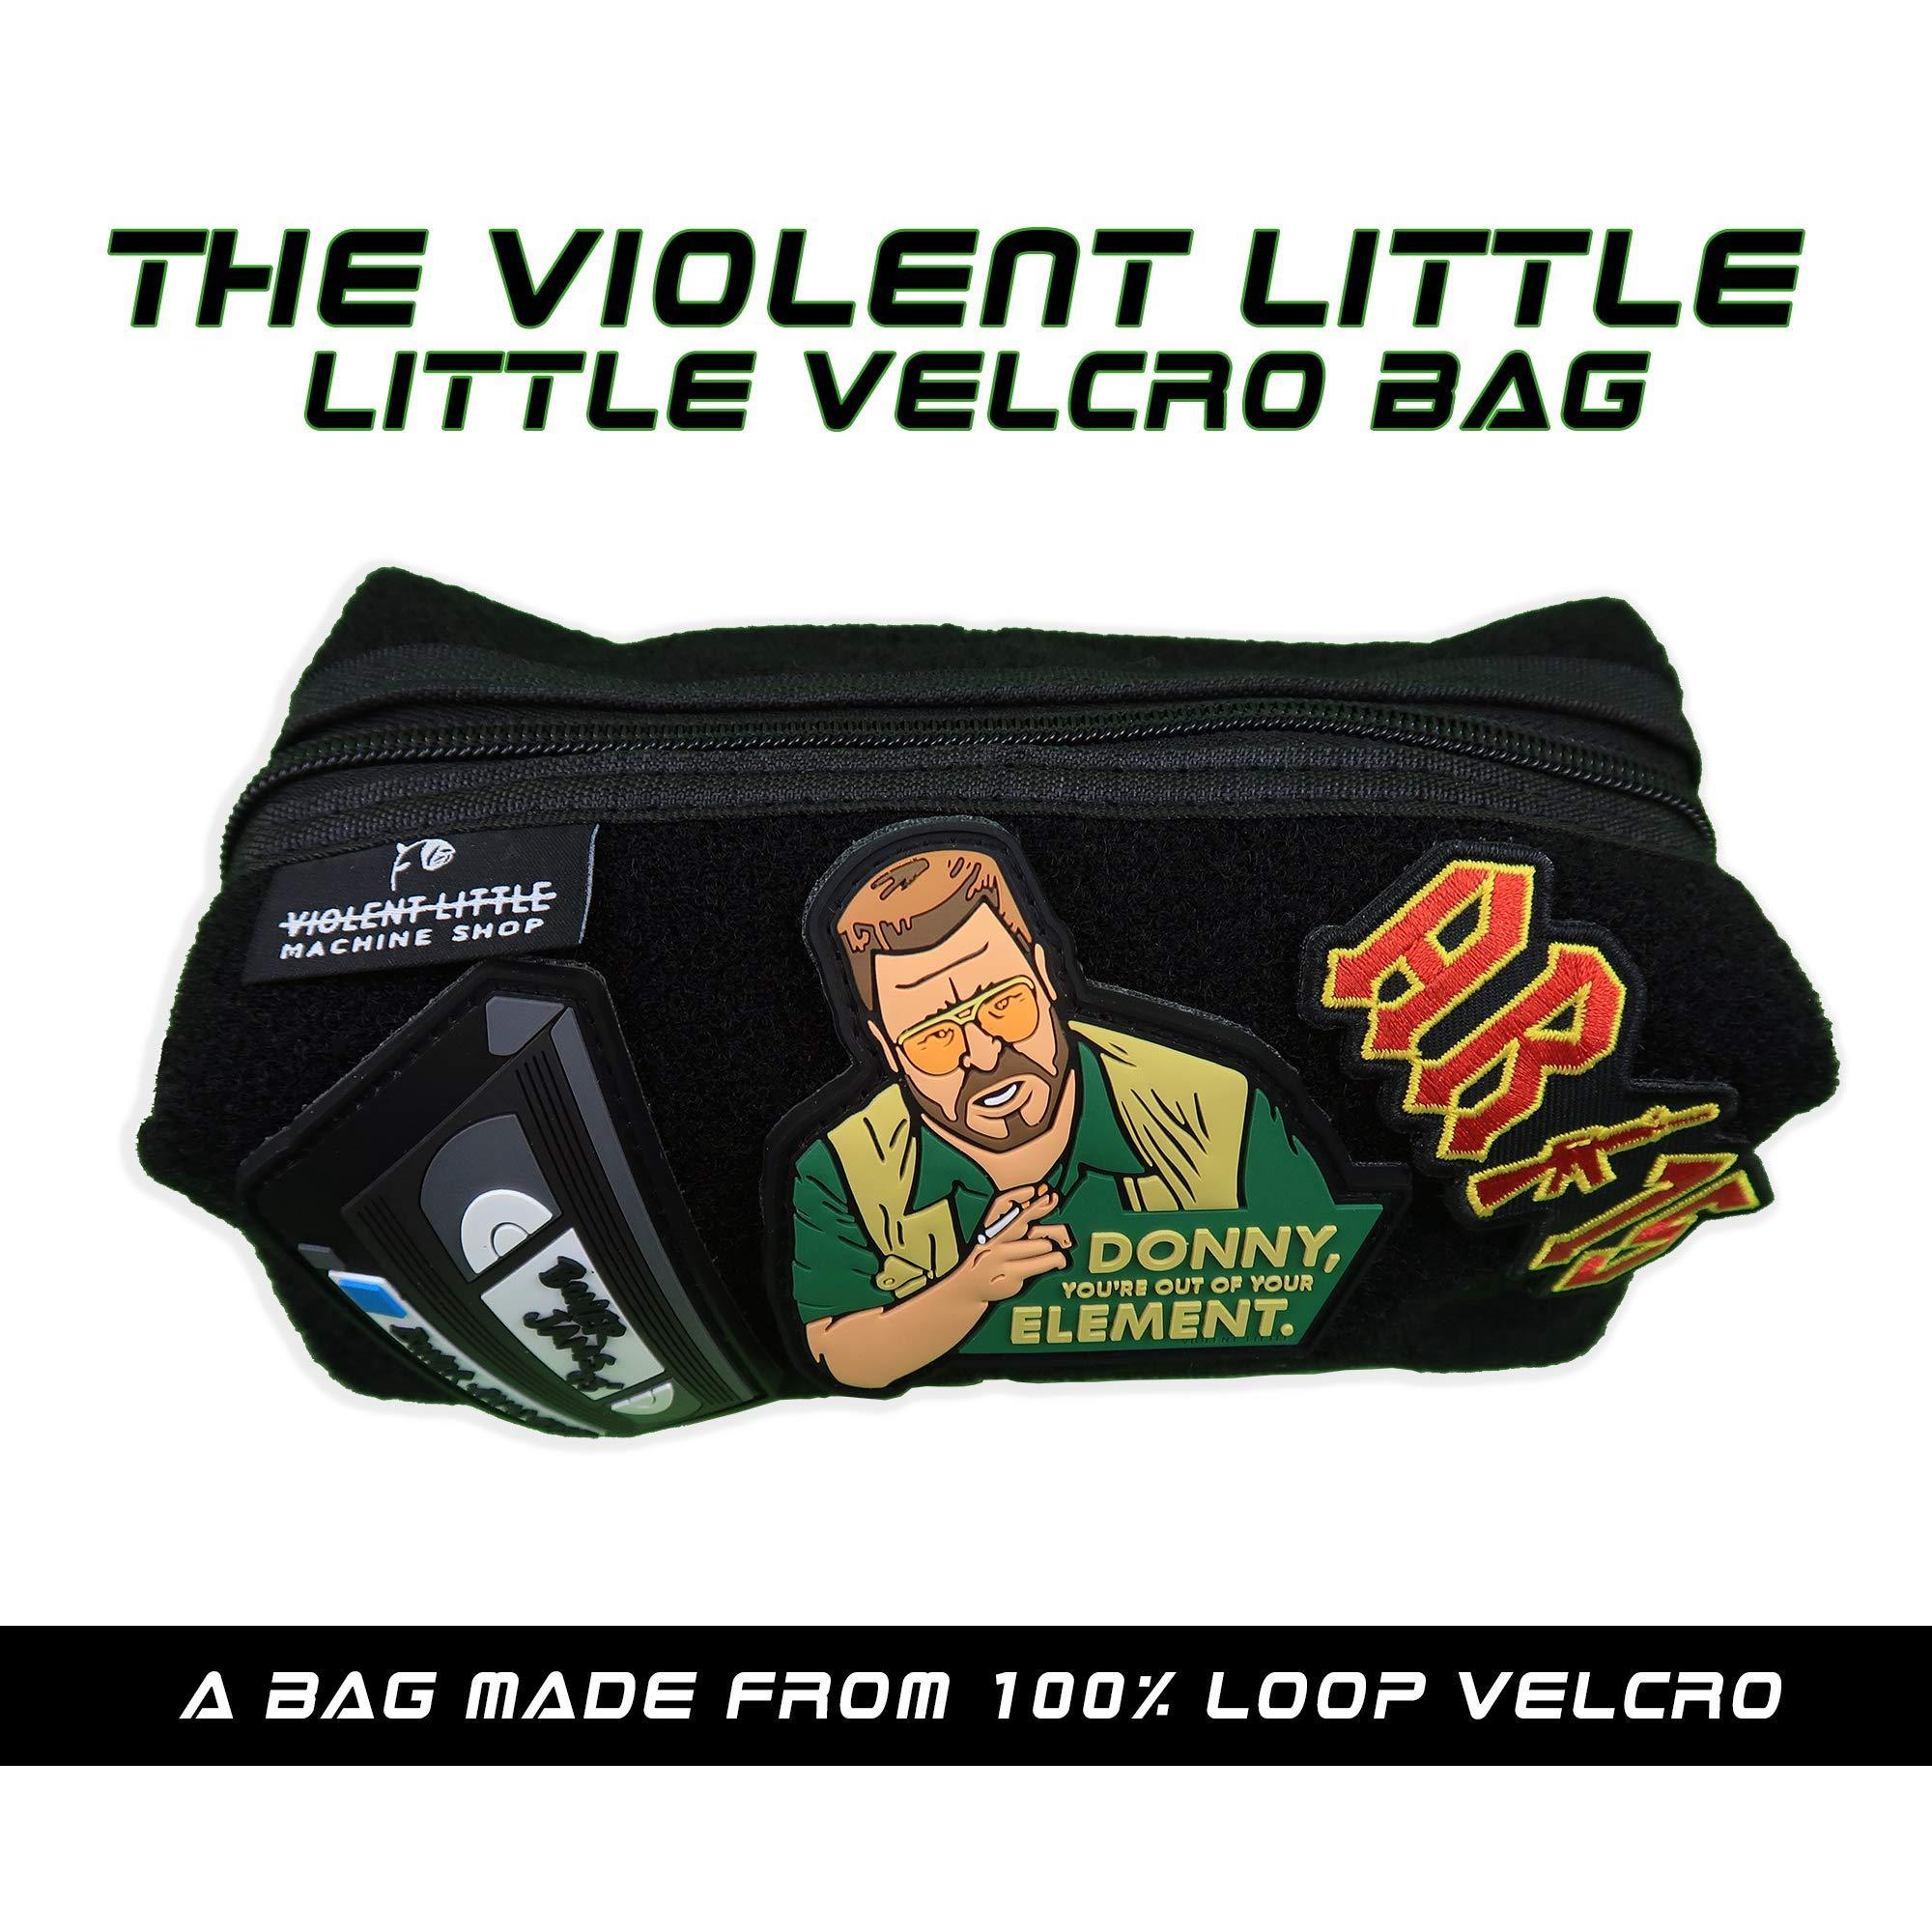 The Little Velcro Bag